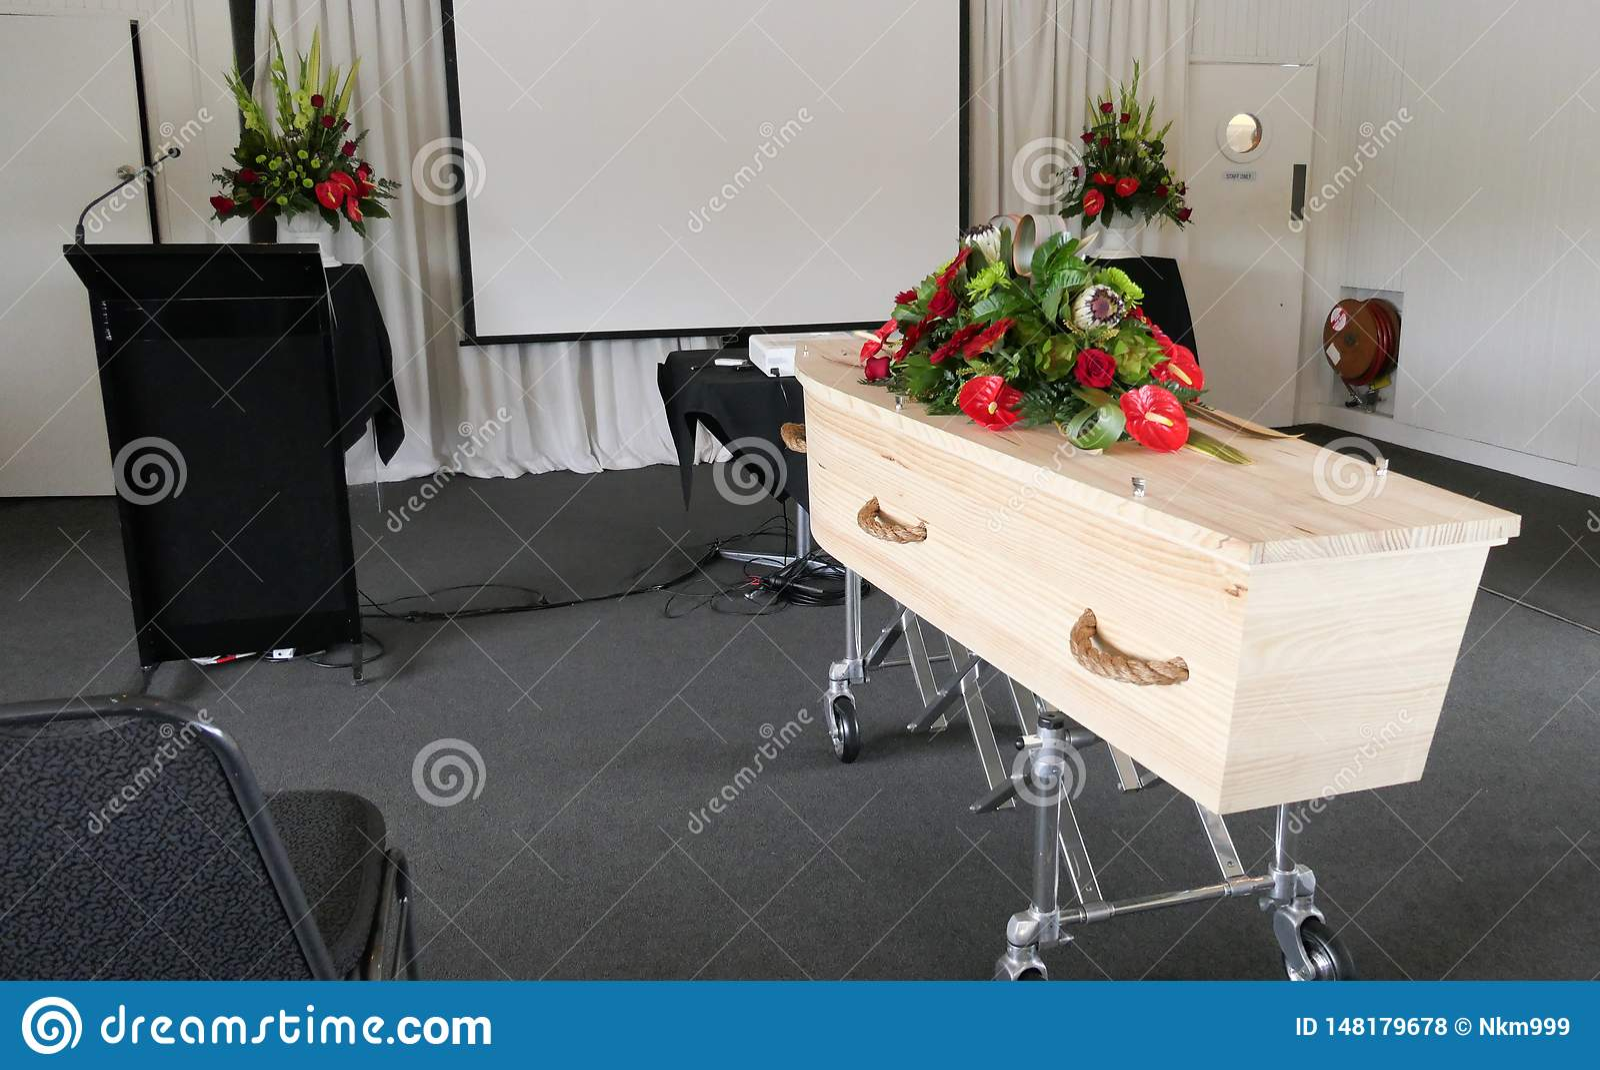 Похоронный ларец в дрогах или часовне или захоронение на кладбище